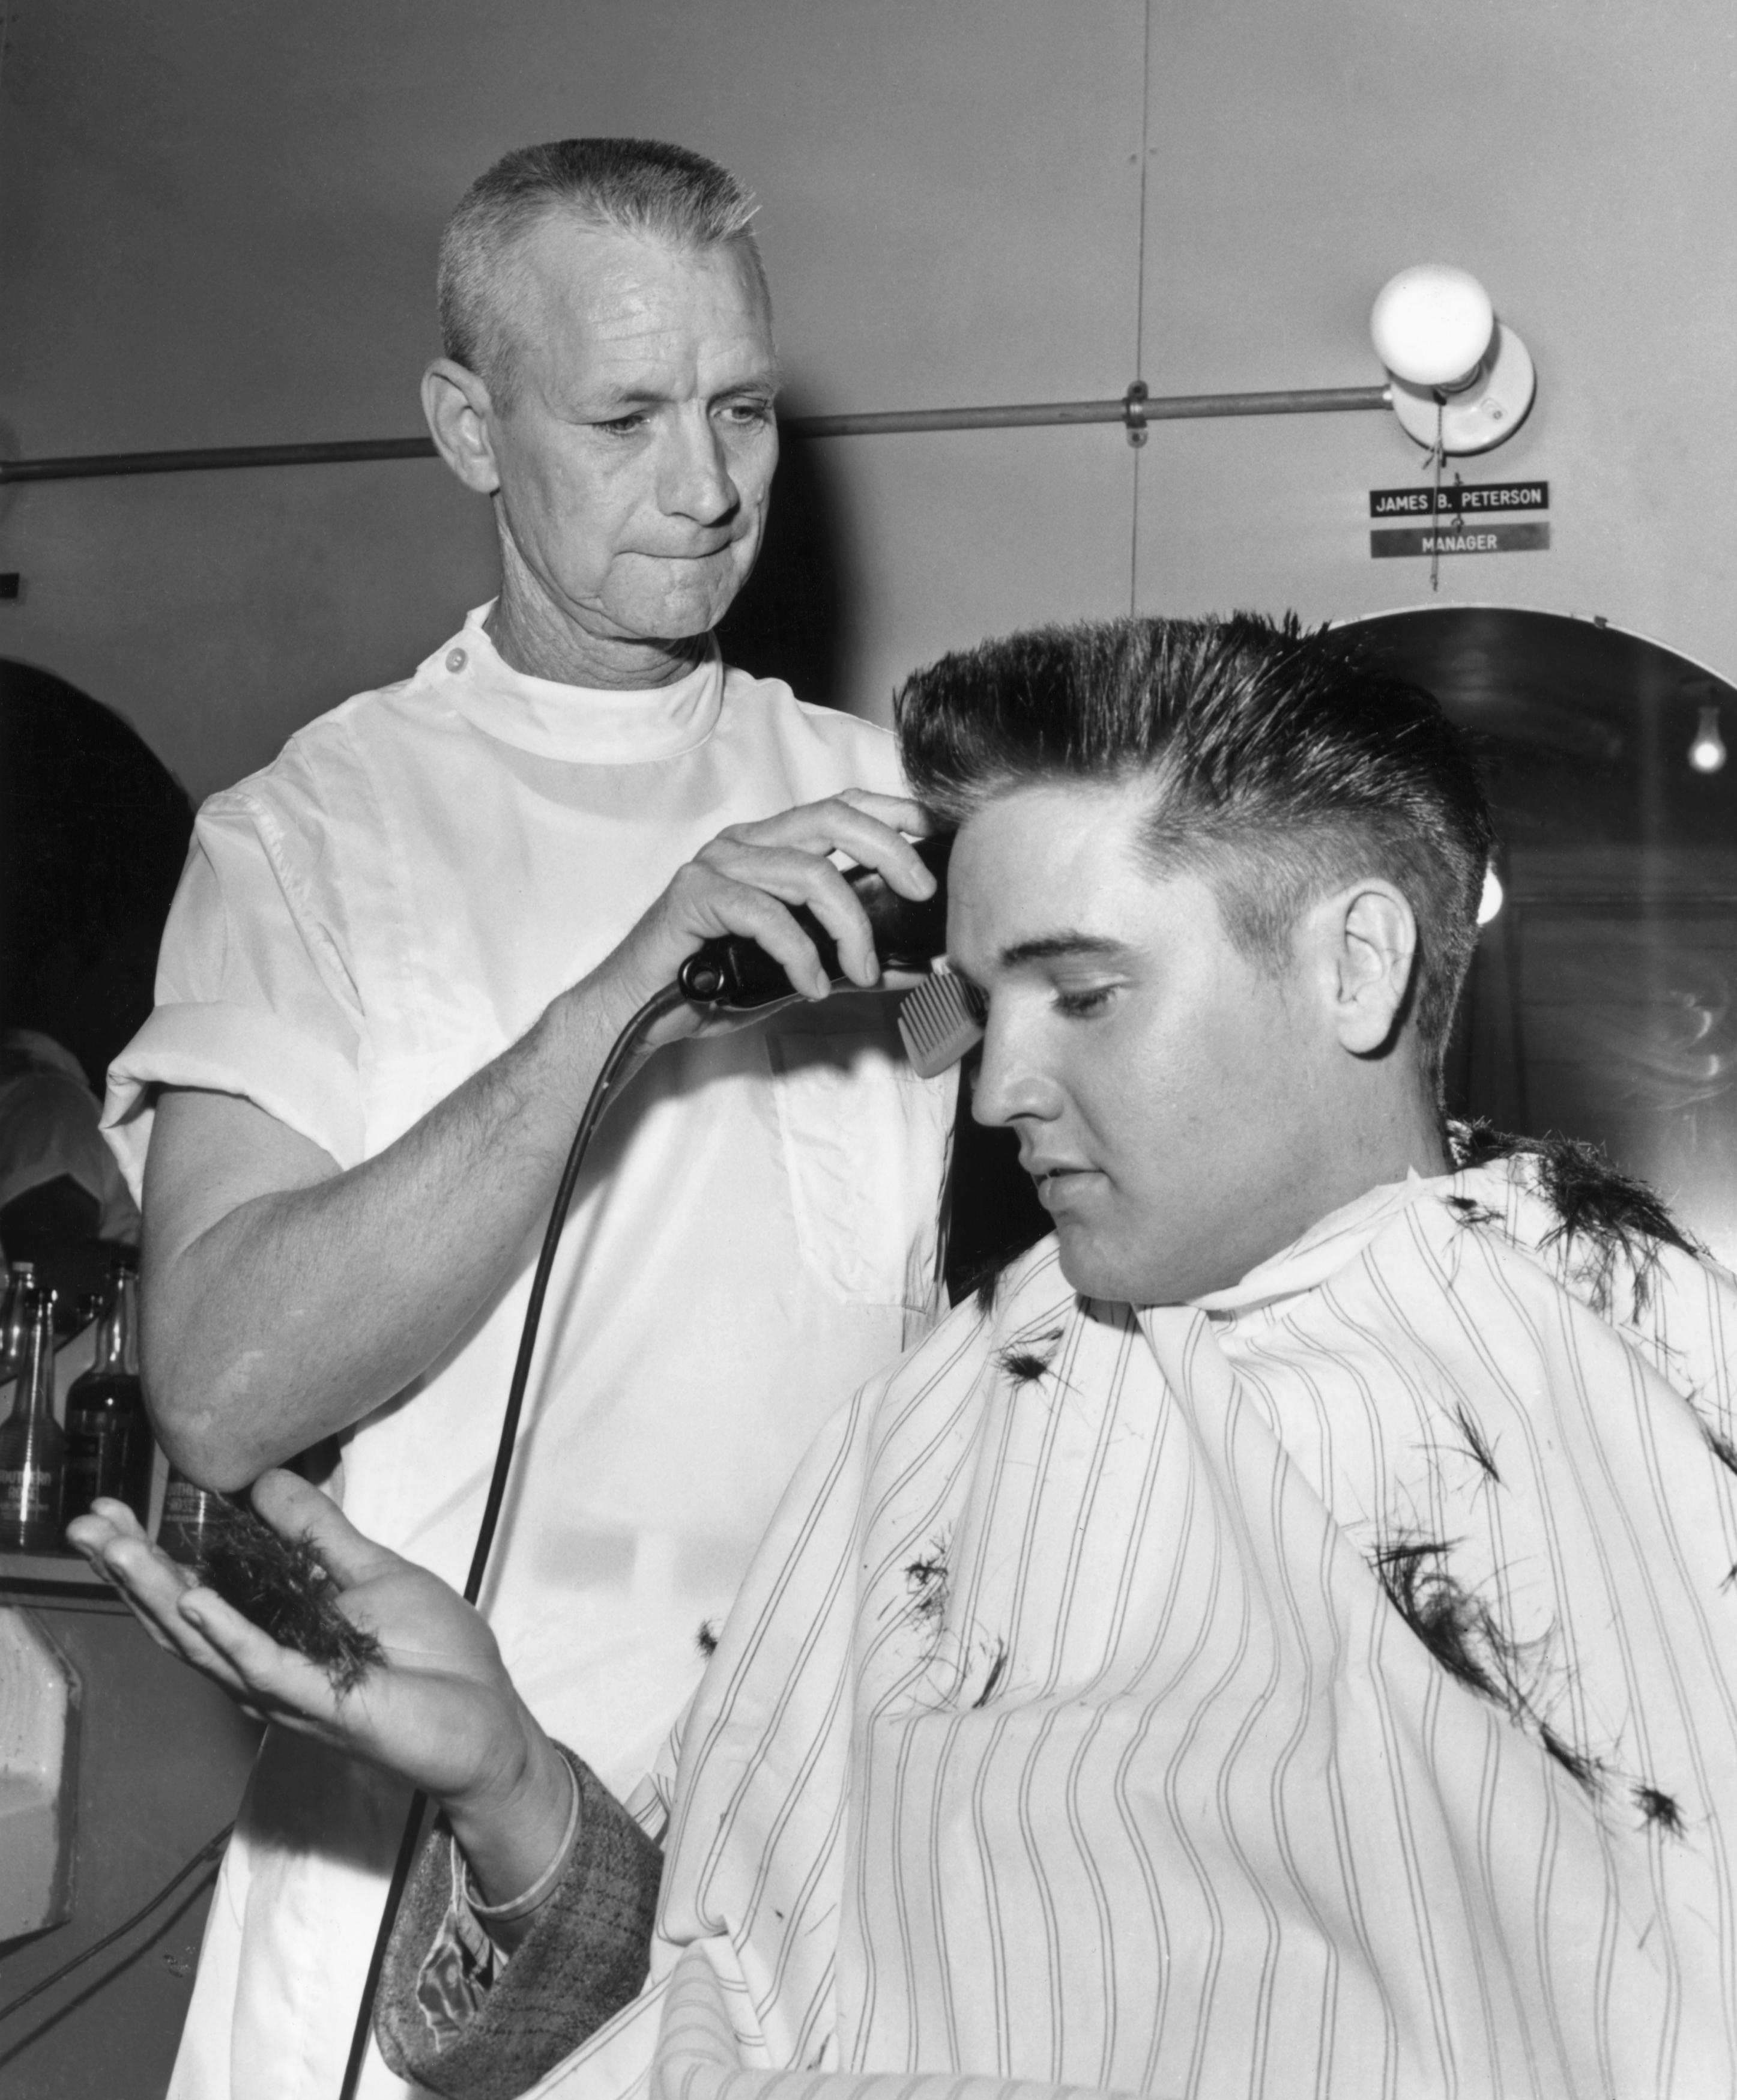 Elvis Presley Receives an Army Crew Cut